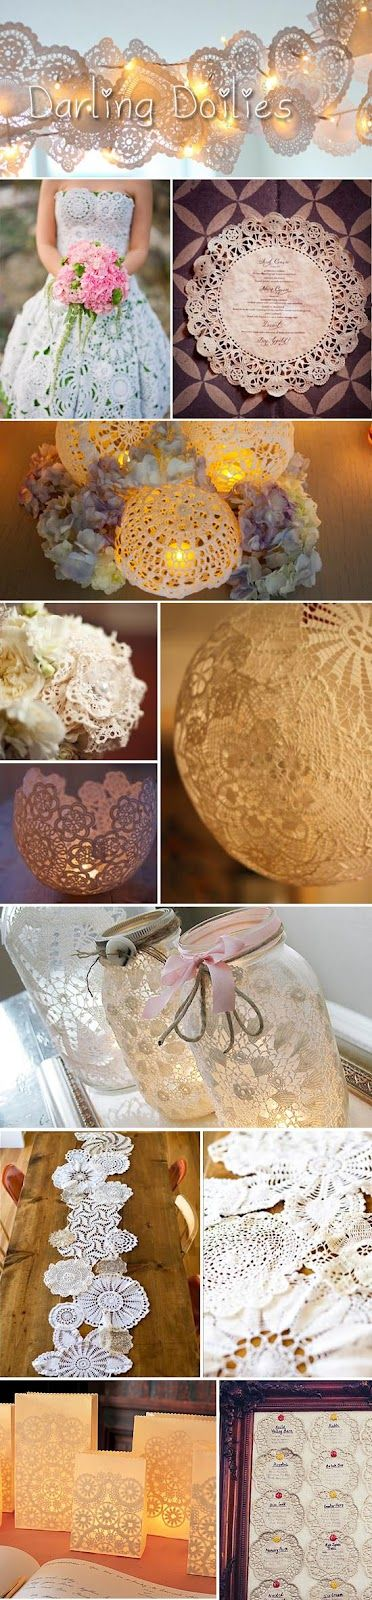 Things We Love - Darling Doily Wedding Decor - My Wedding Reception Ideas | Blog